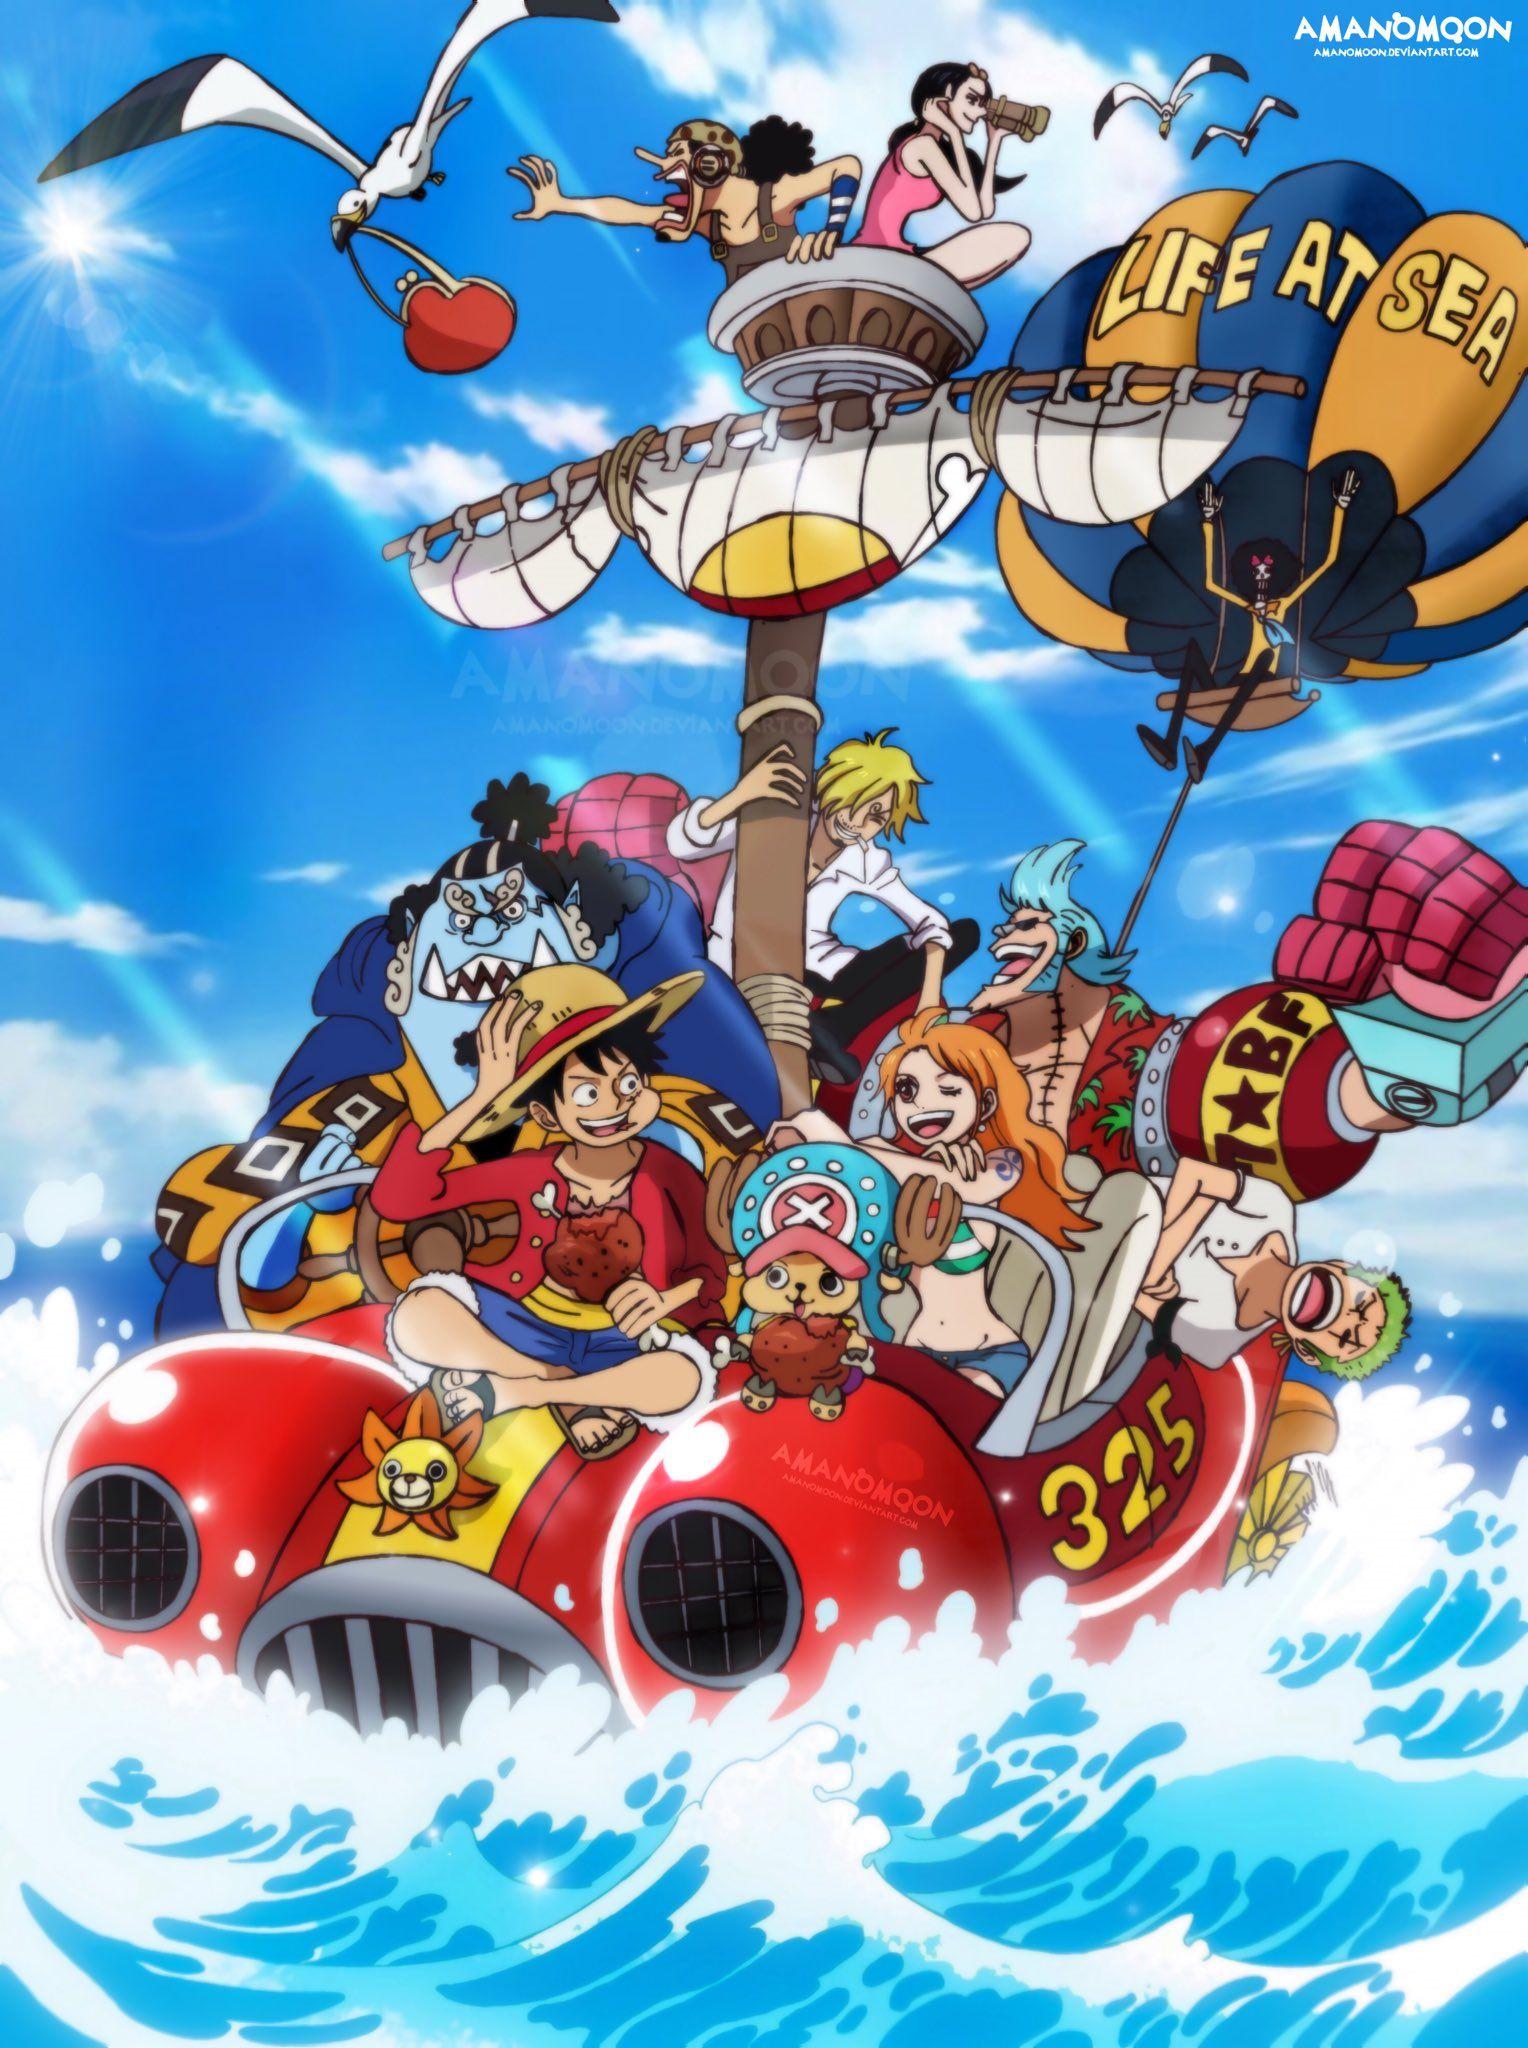 Straw Hat Pirates Manga Anime One Piece One Piece Anime One Piece Fanart